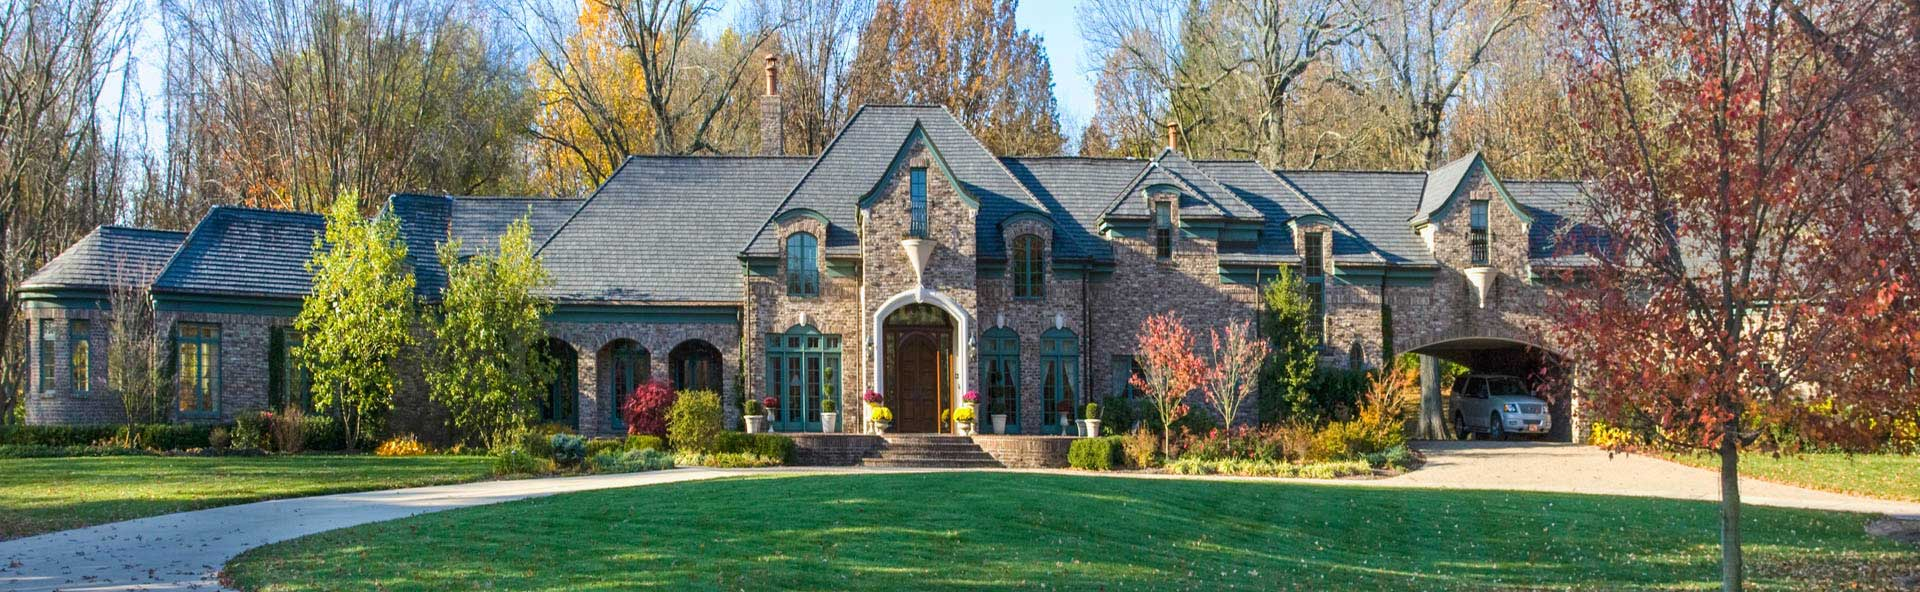 Custom Homes - Custom Designed Homes - Terre Haute, IN